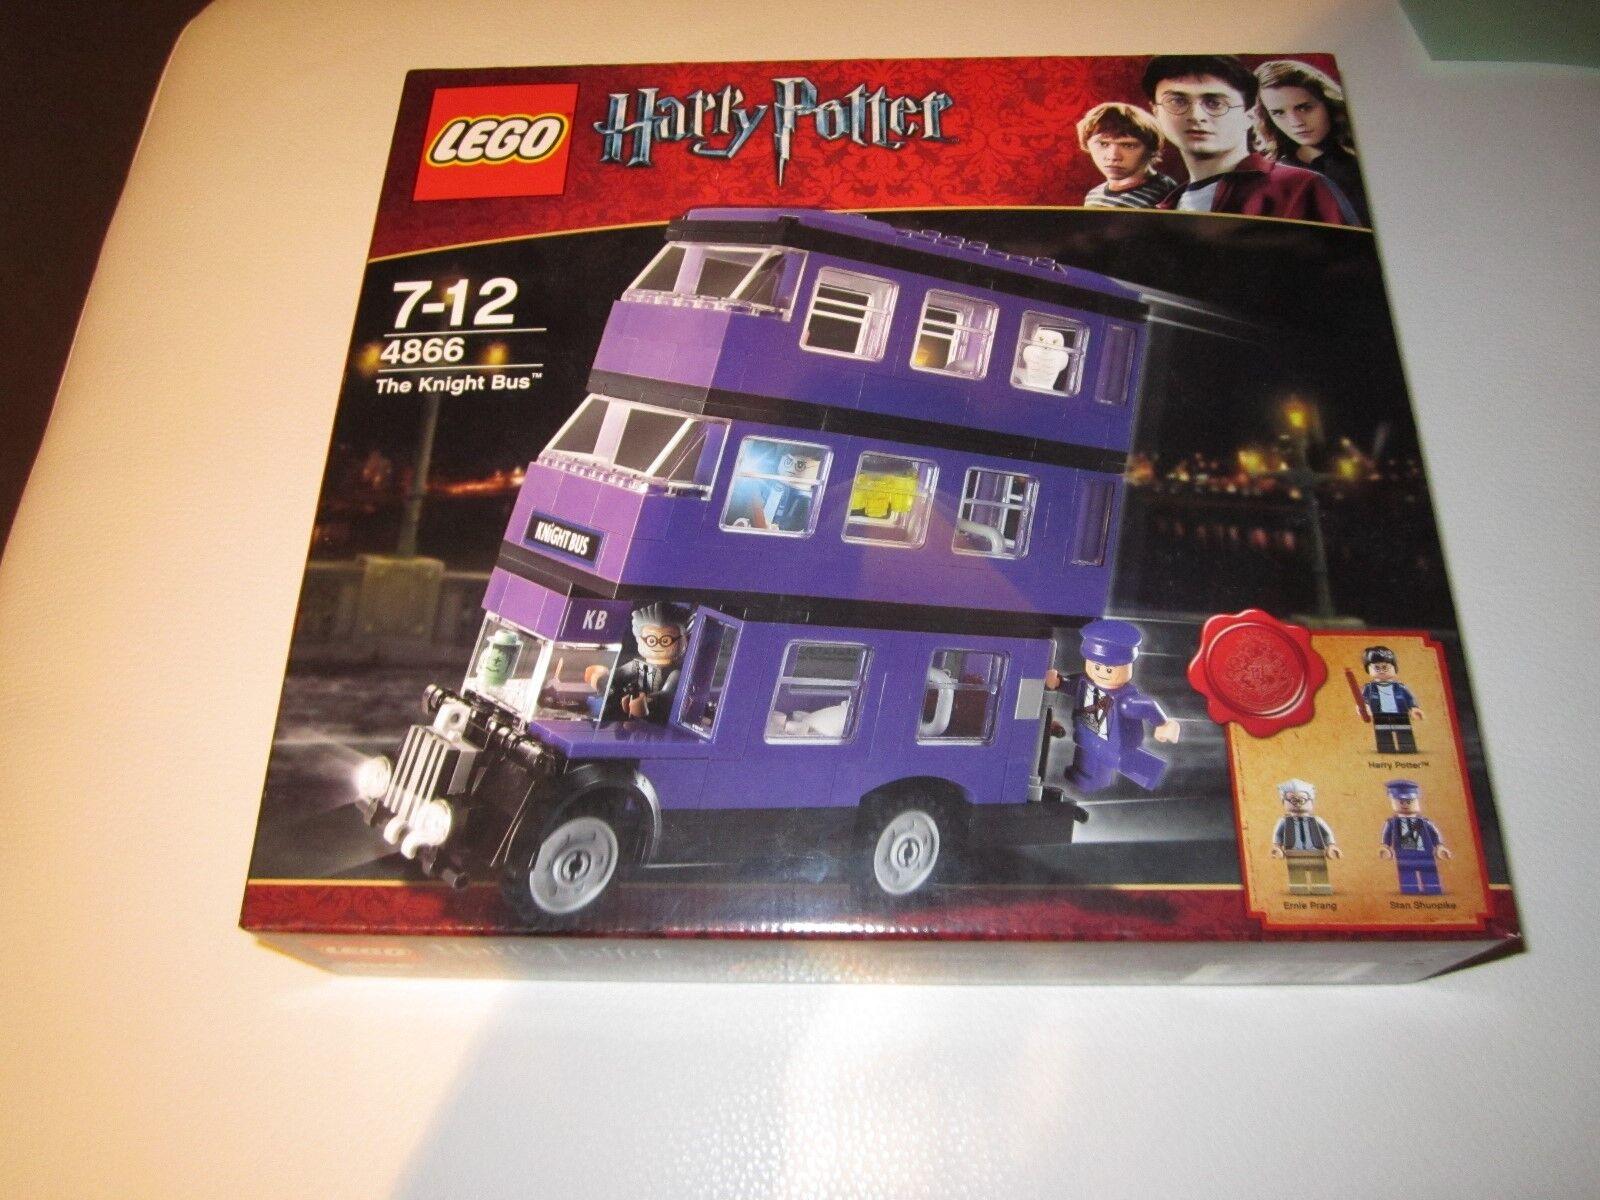 Lego Harry Potter Caballero Bus 4866-leve Arrugas En Caja-Nuevo en Caja Sellado